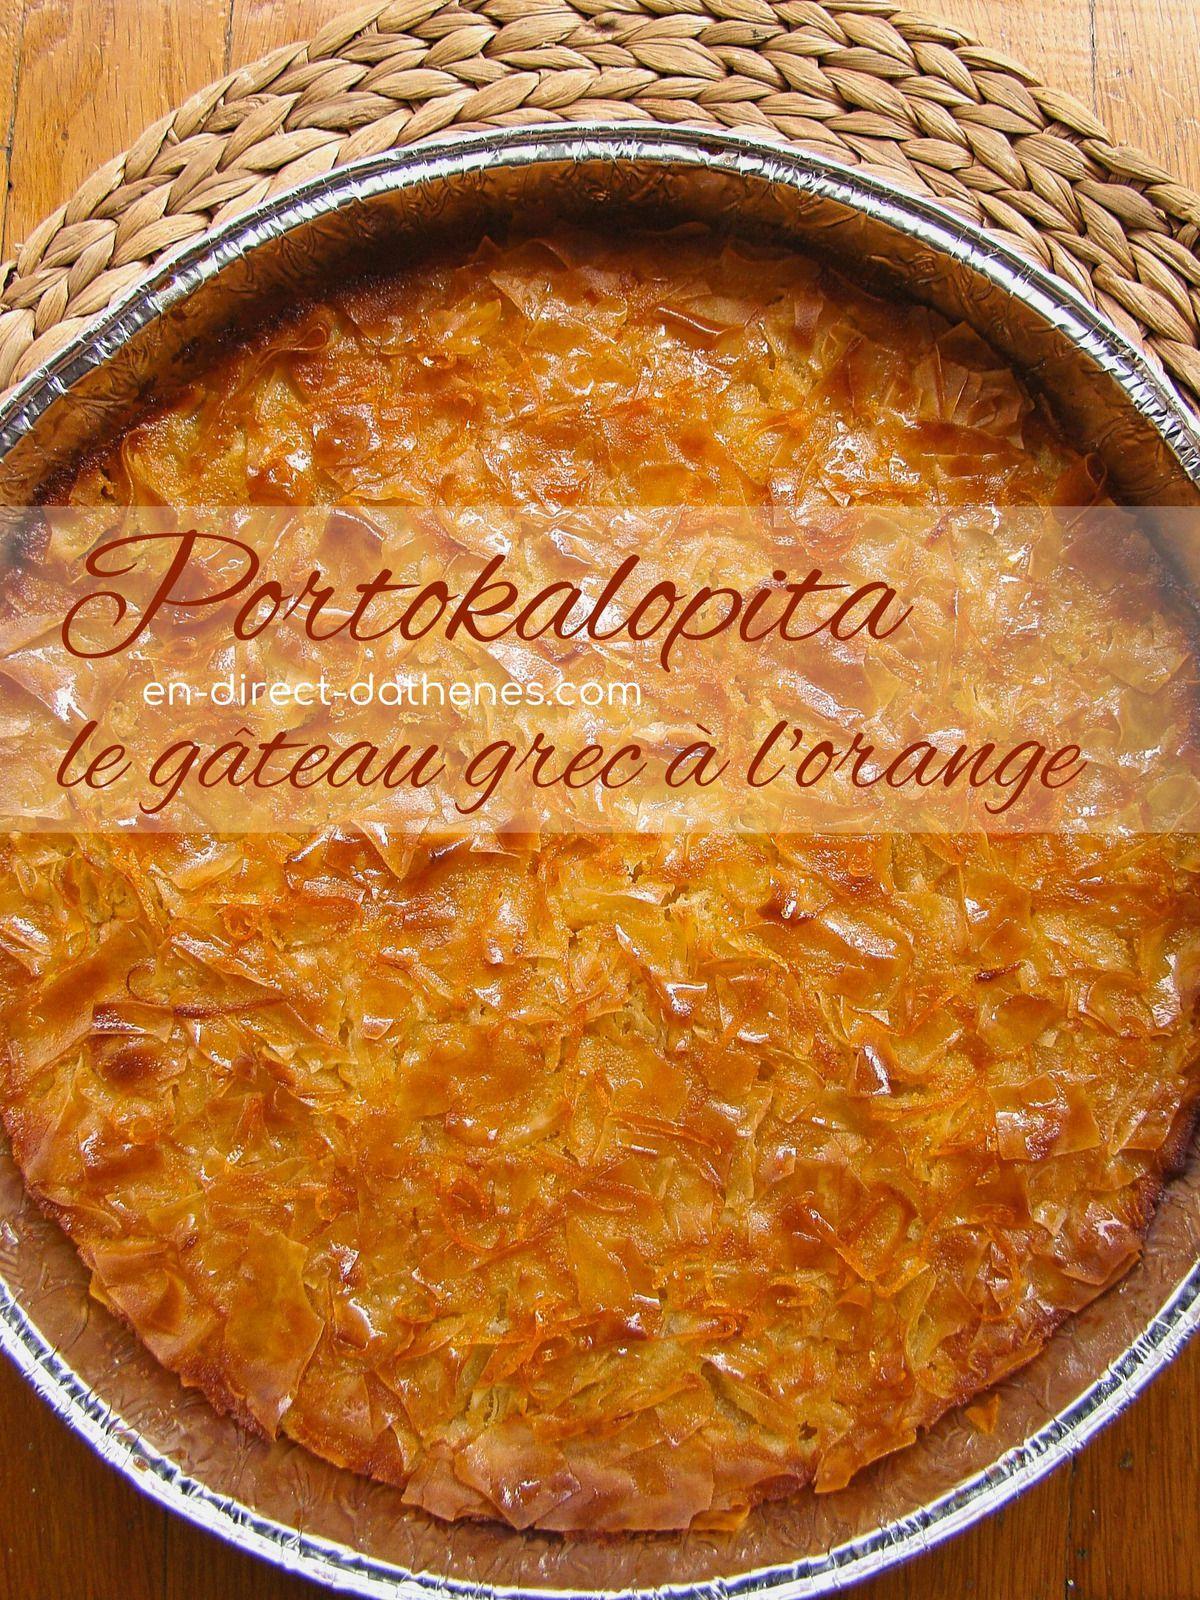 La portokalopita ou le gâteau grec à l'orange